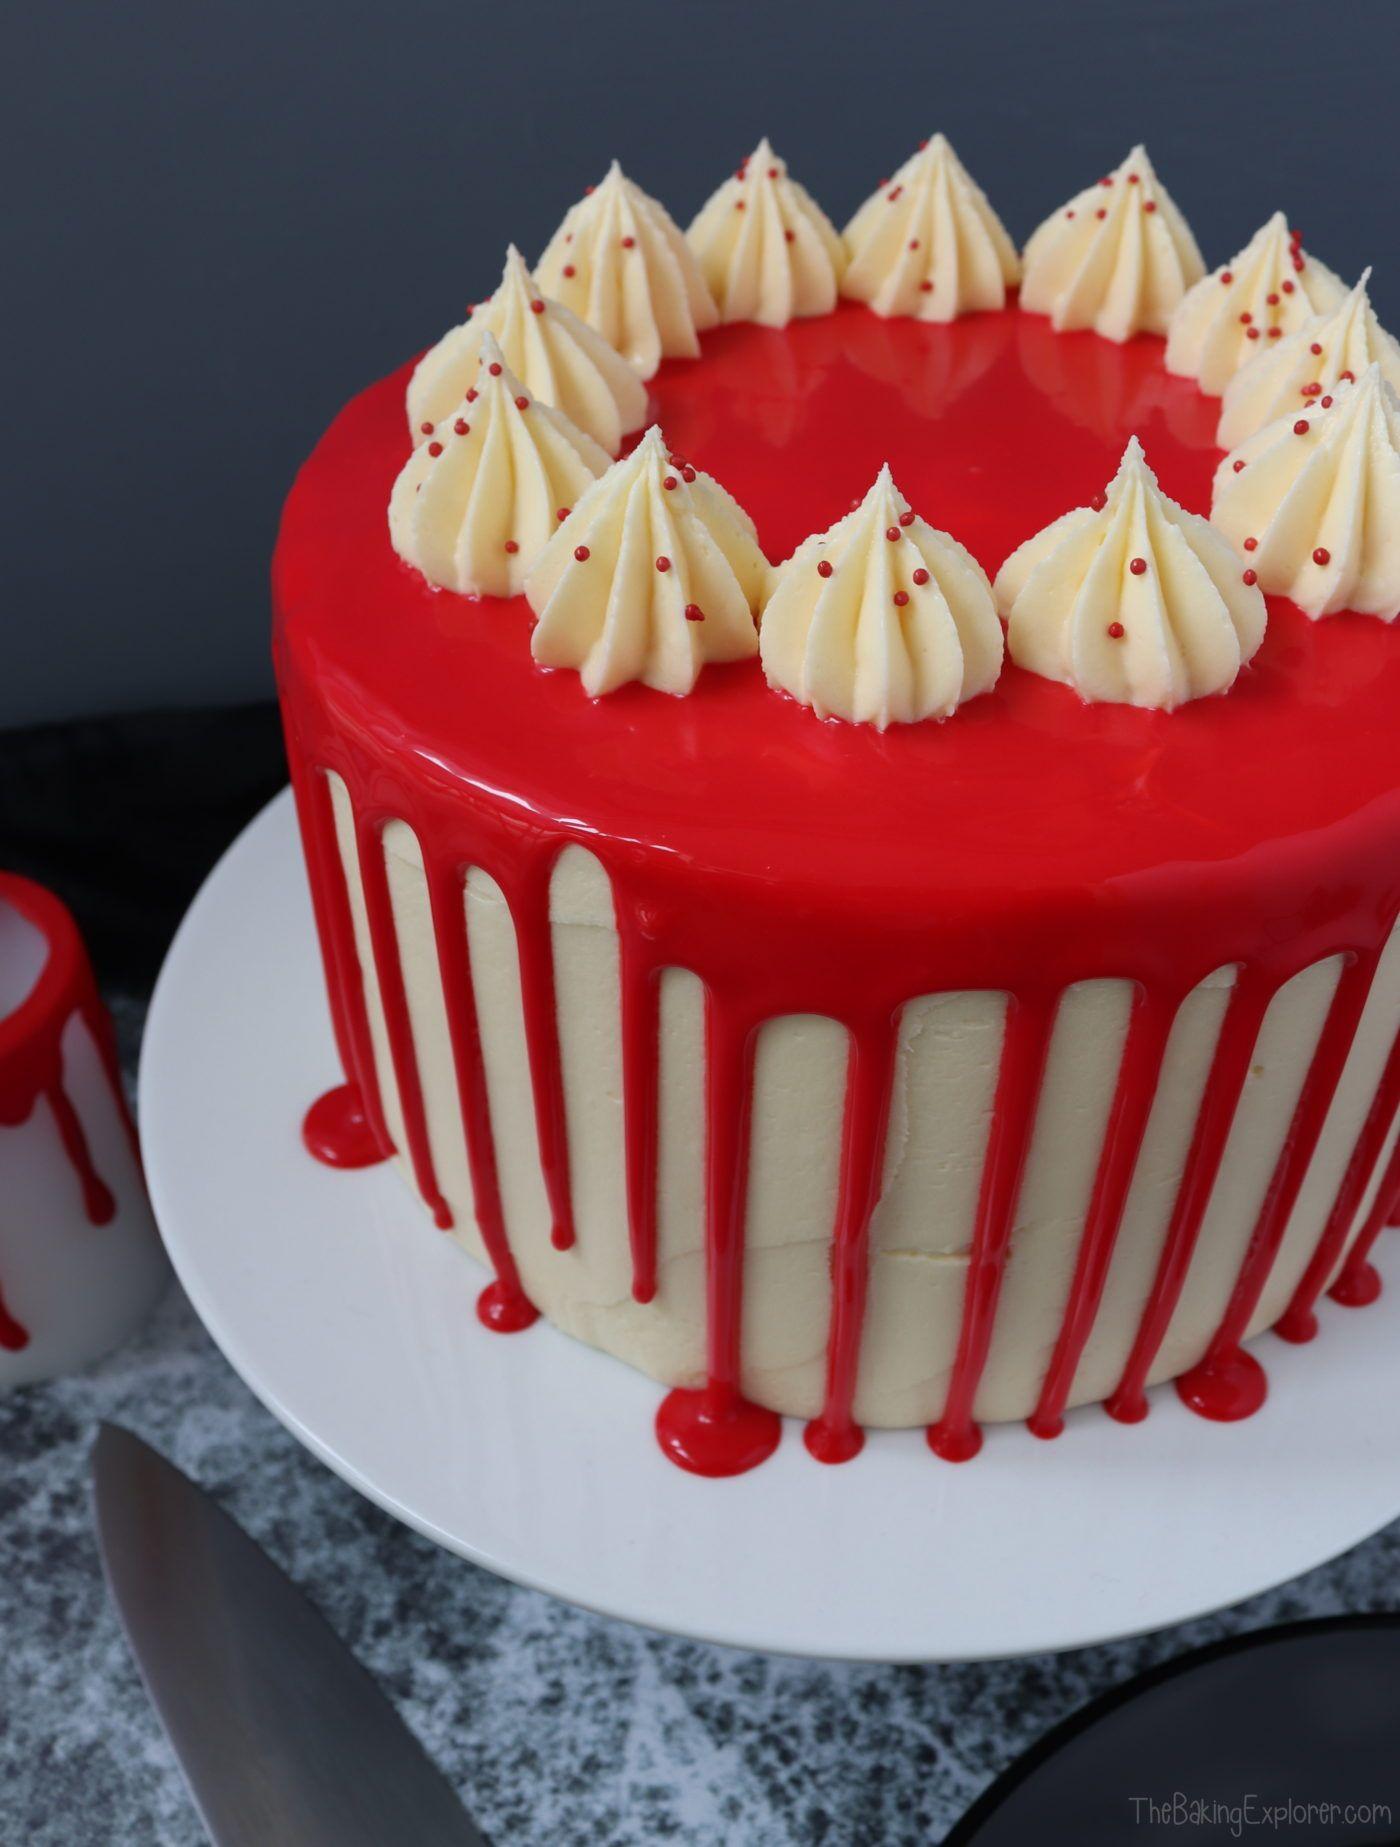 Red Velvet Cake Recipe Red Velvet Birthday Cake Velvet Cake